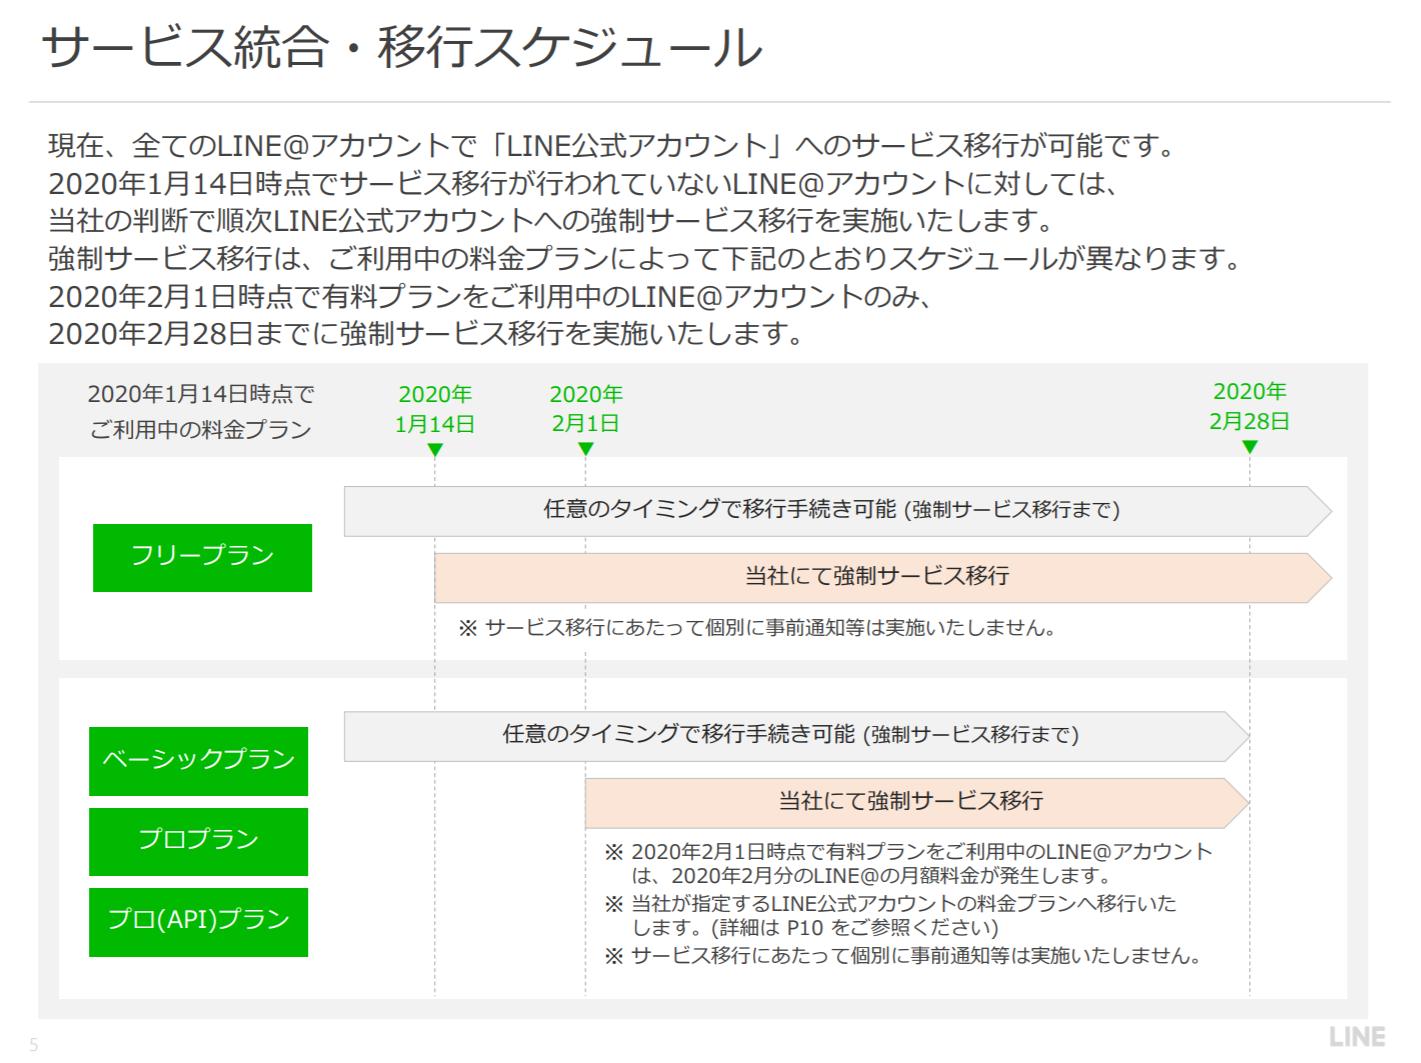 LINE公式アカウントサービス統合・移行スケジュール